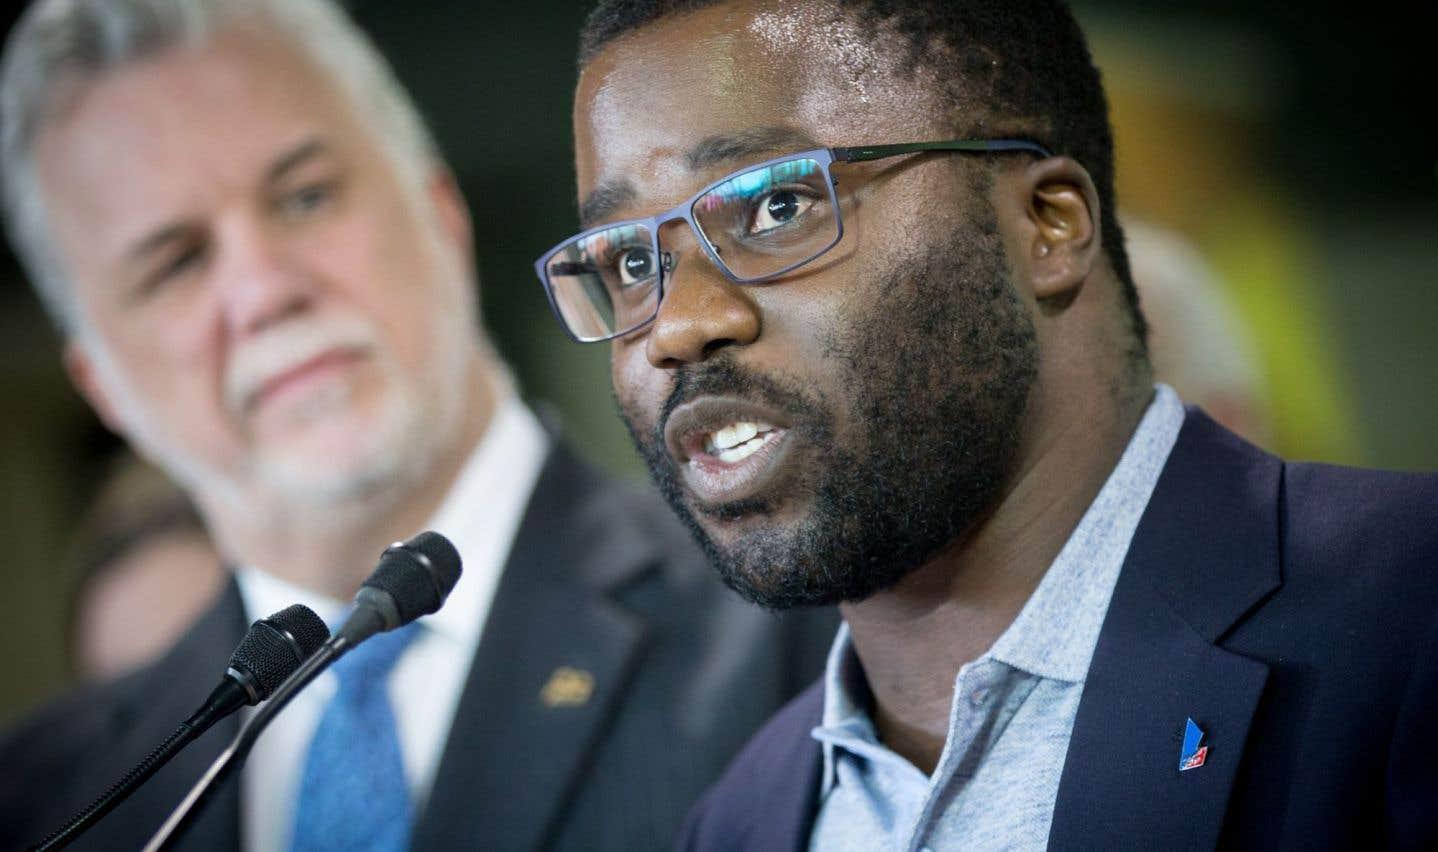 Les jeunes libéraux veulent valoriser les professeurs